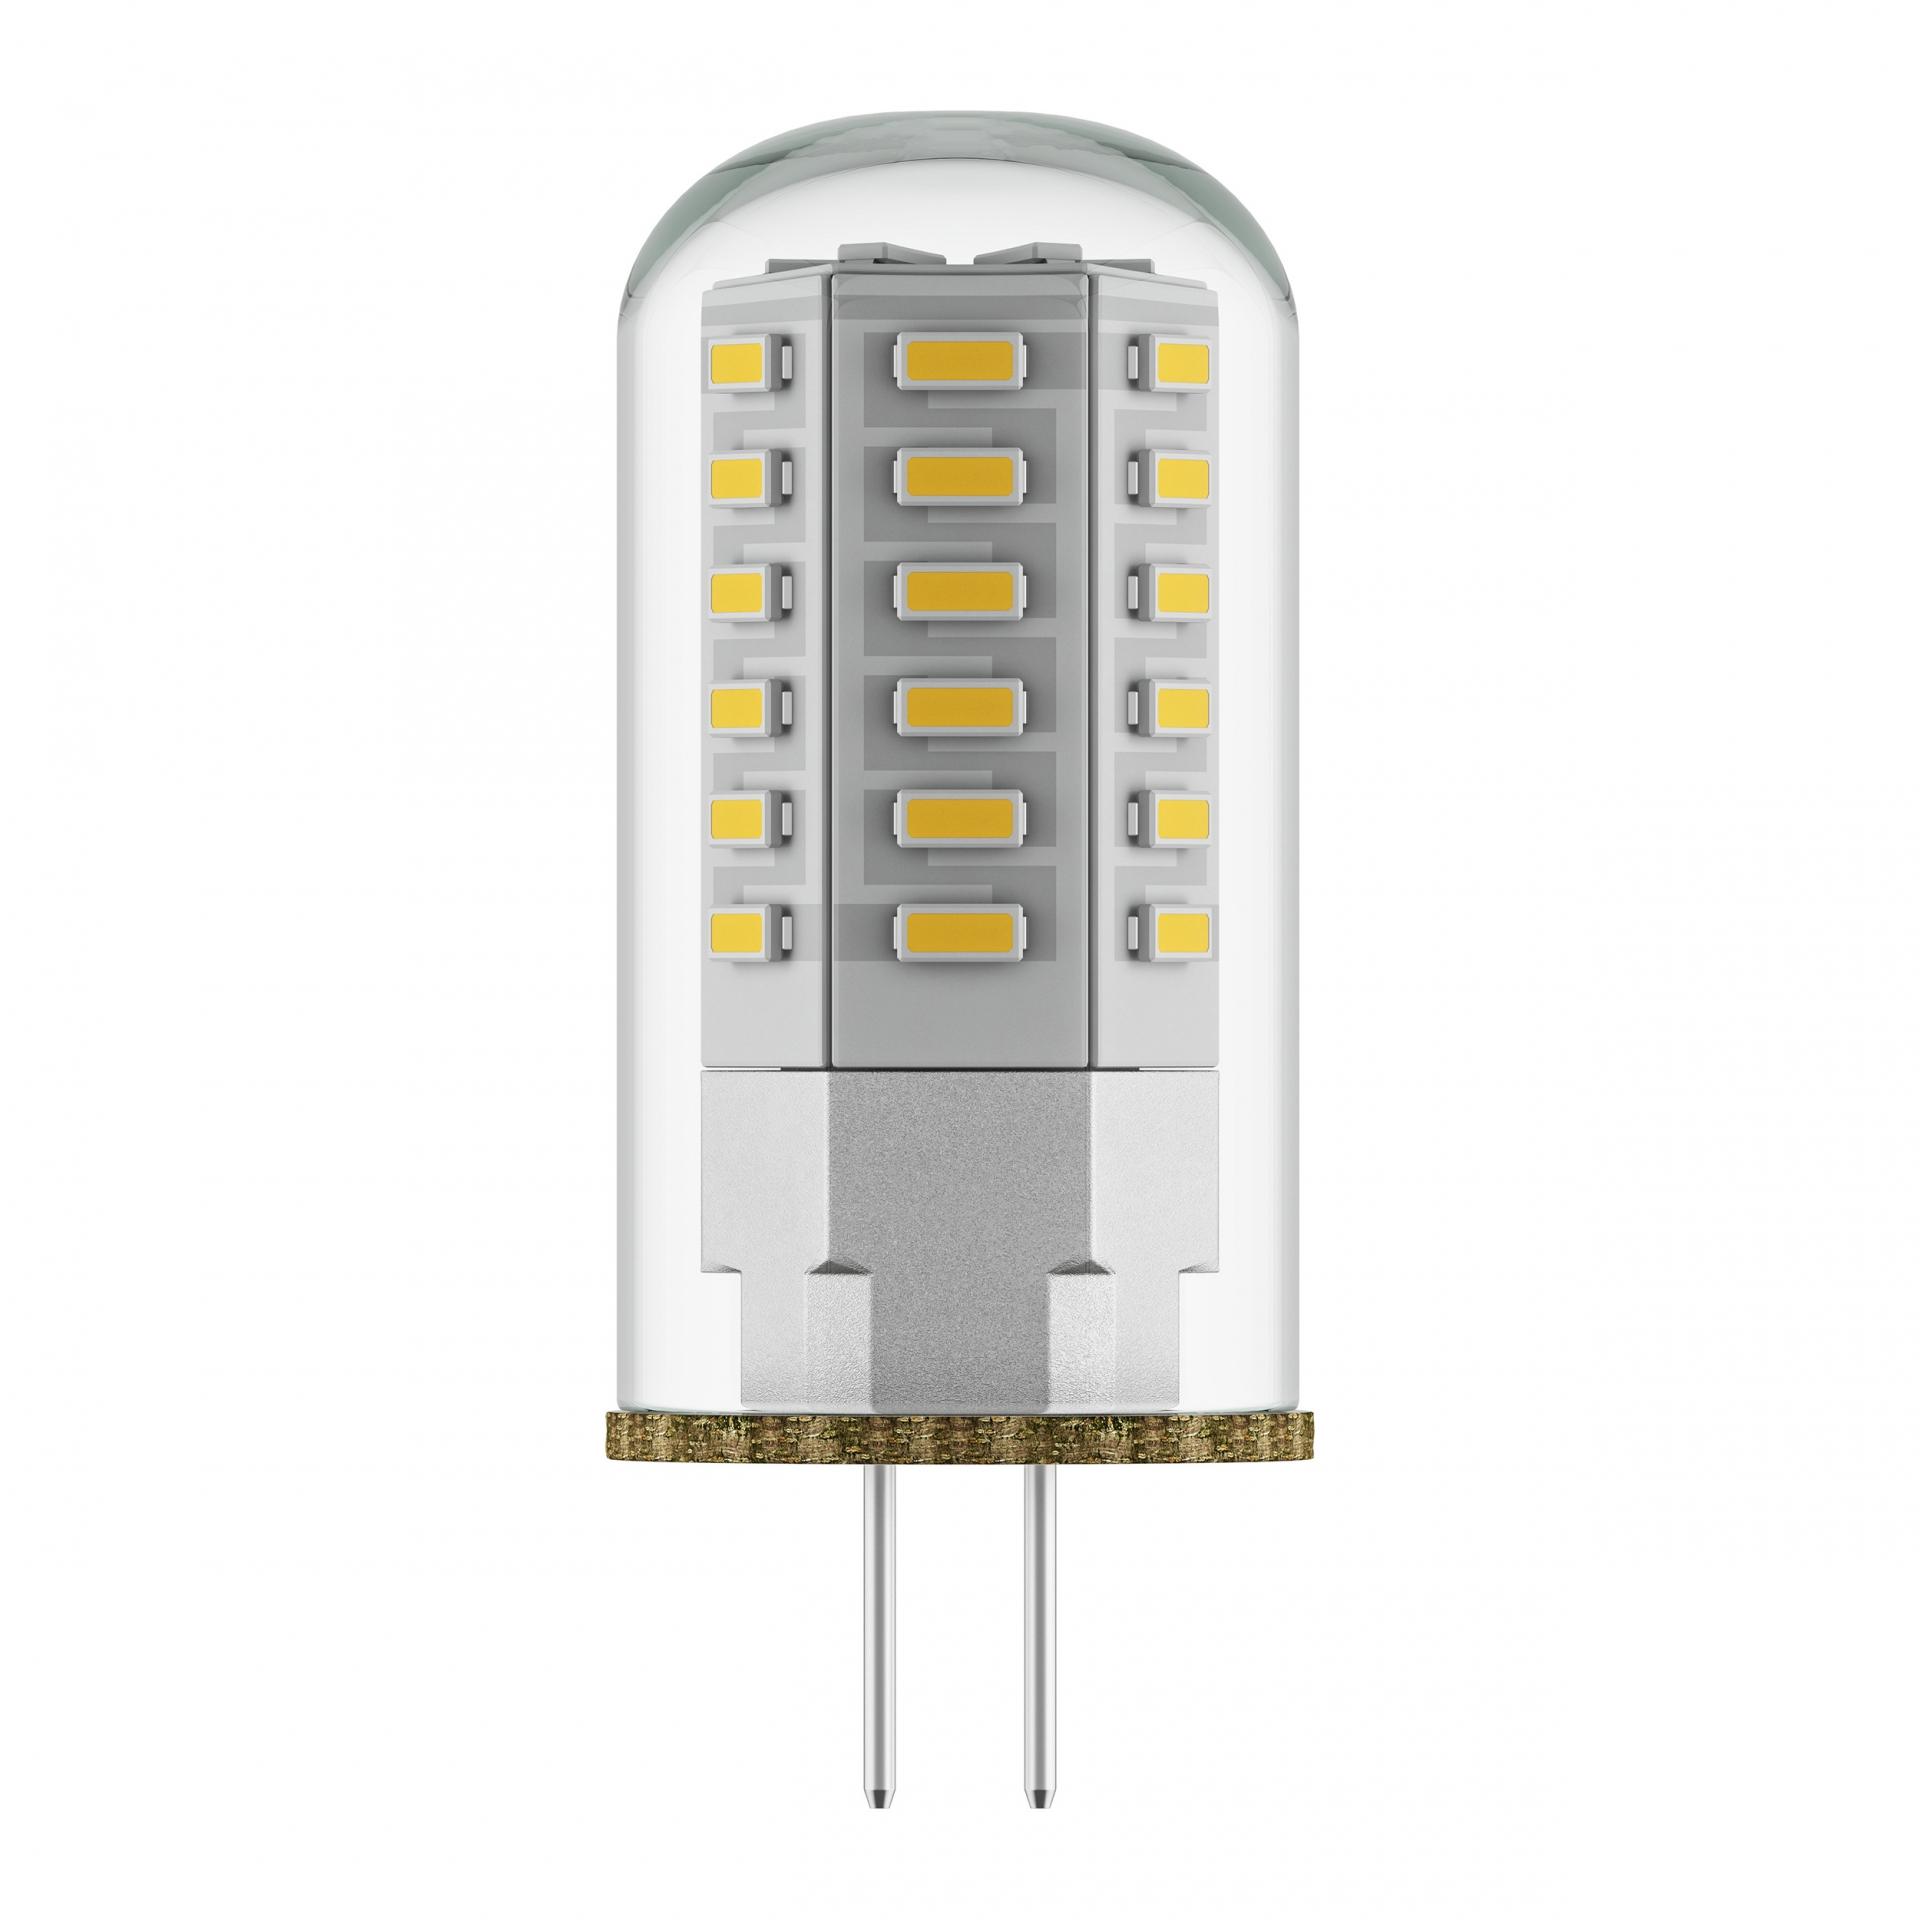 Лампа LED 220V JC G4 3.2W=30W 260LM 360G CL 4200K 20000H Lightstar 932724, купить в СПб, Москве, с доставкой, Санкт-Петербург, интернет-магазин люстр и светильников Starlight, фото в жизни